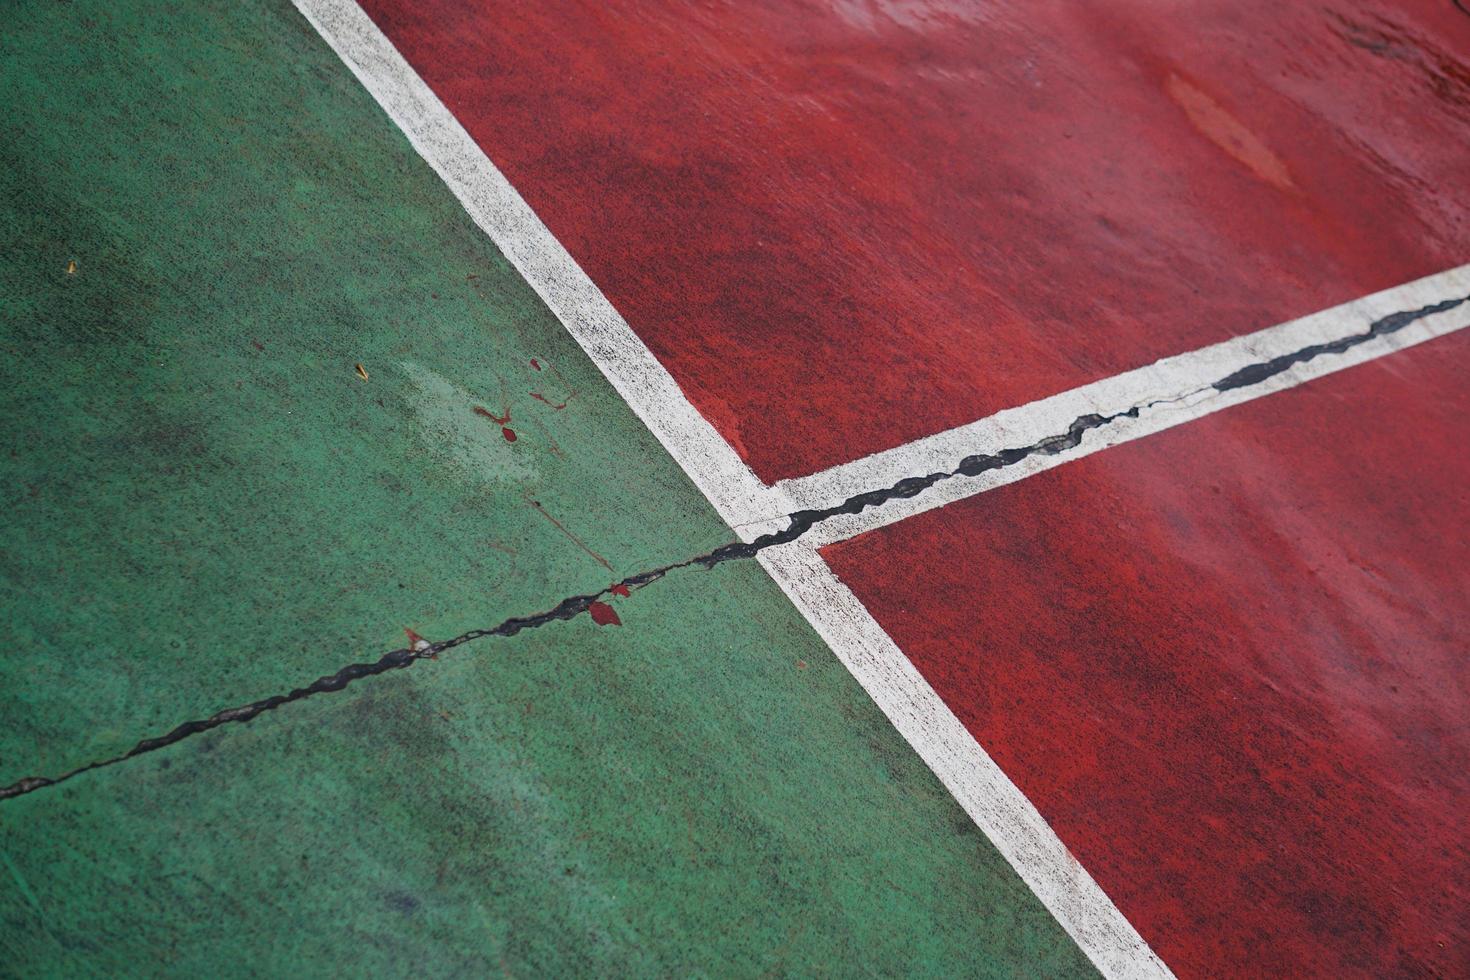 vecchio campo da tennis abbandonato foto